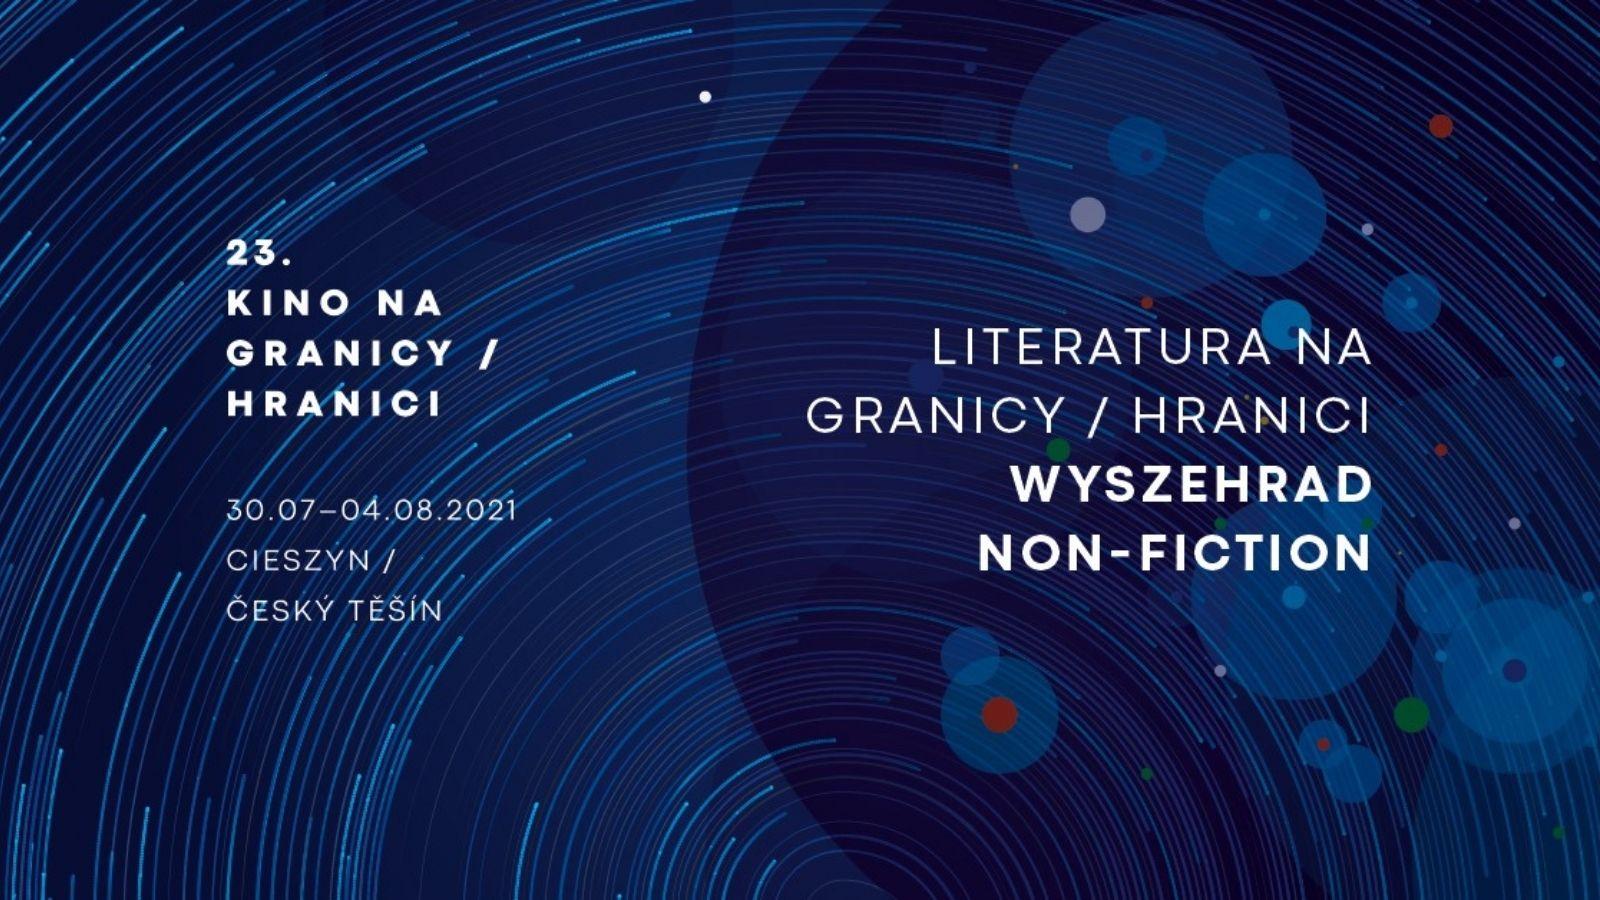 Literatura na Granicy/Hranici| Wyszehrad non-fiction